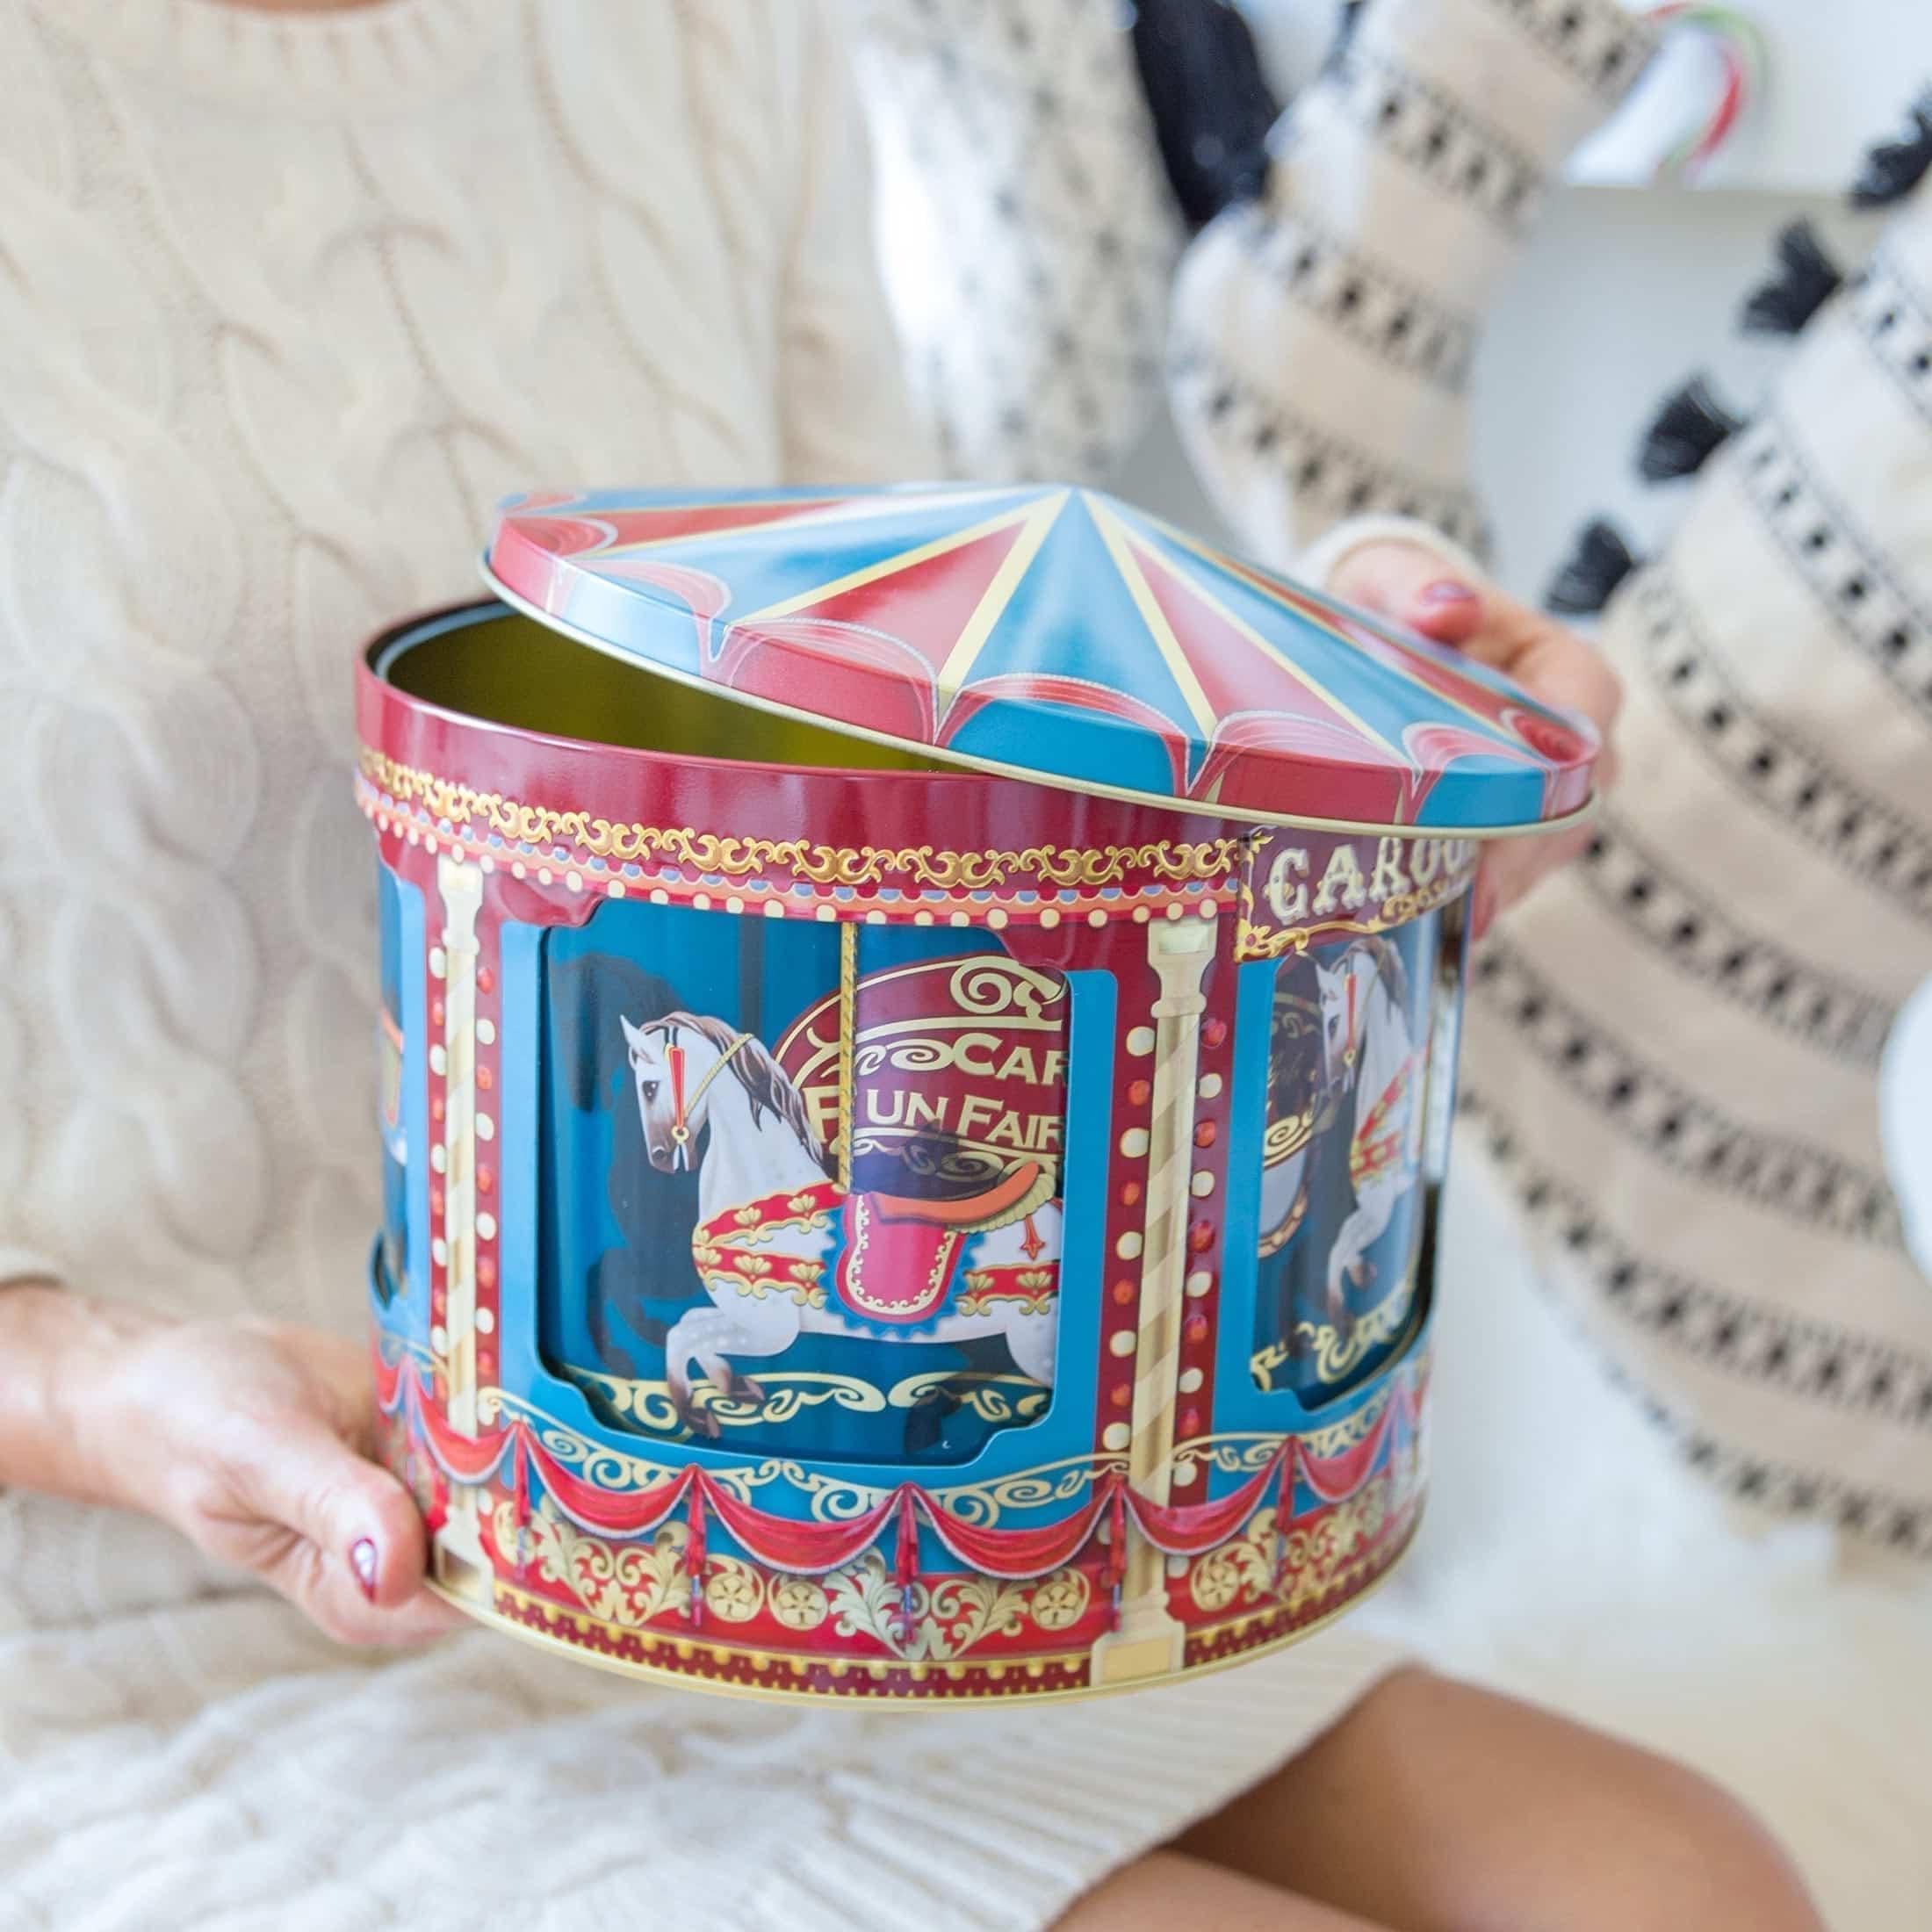 Keksdose Karussell mit Spieluhr ♥ Schöne Keksdose aus England. Das Karussell mit den Pferdchen in der Mitte dreht sich und spielt eine Melodie ☆ Onlineshop | netter Service